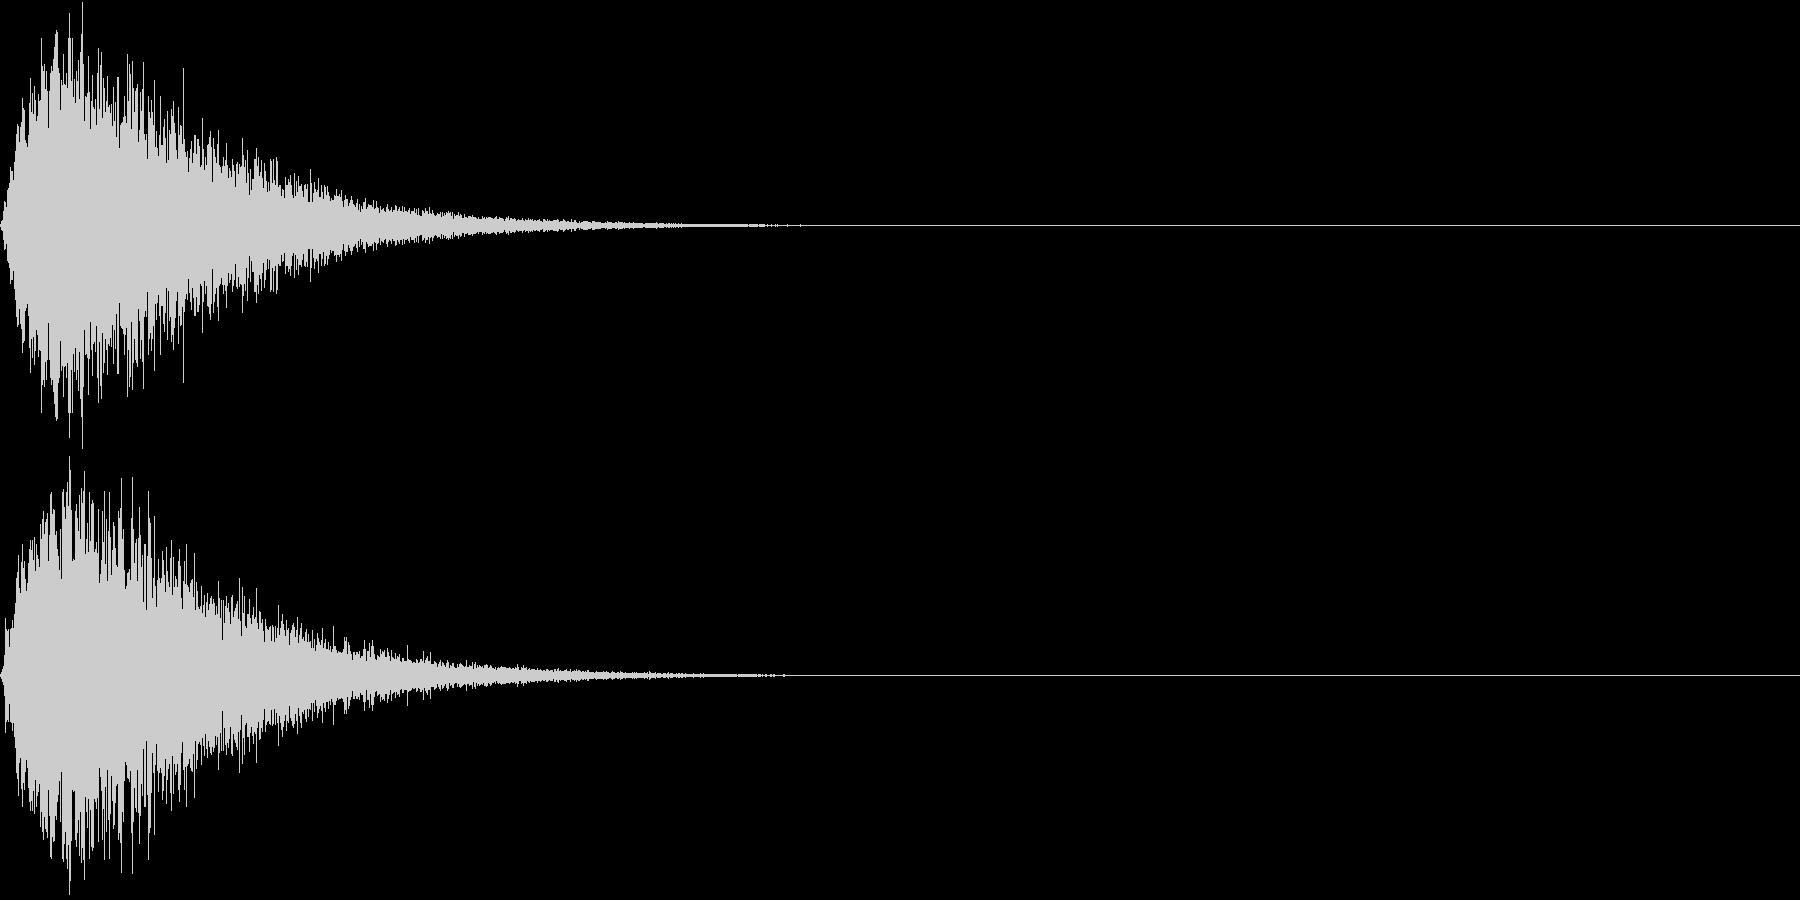 キュイン ボタン ピキーン キーン 9の未再生の波形